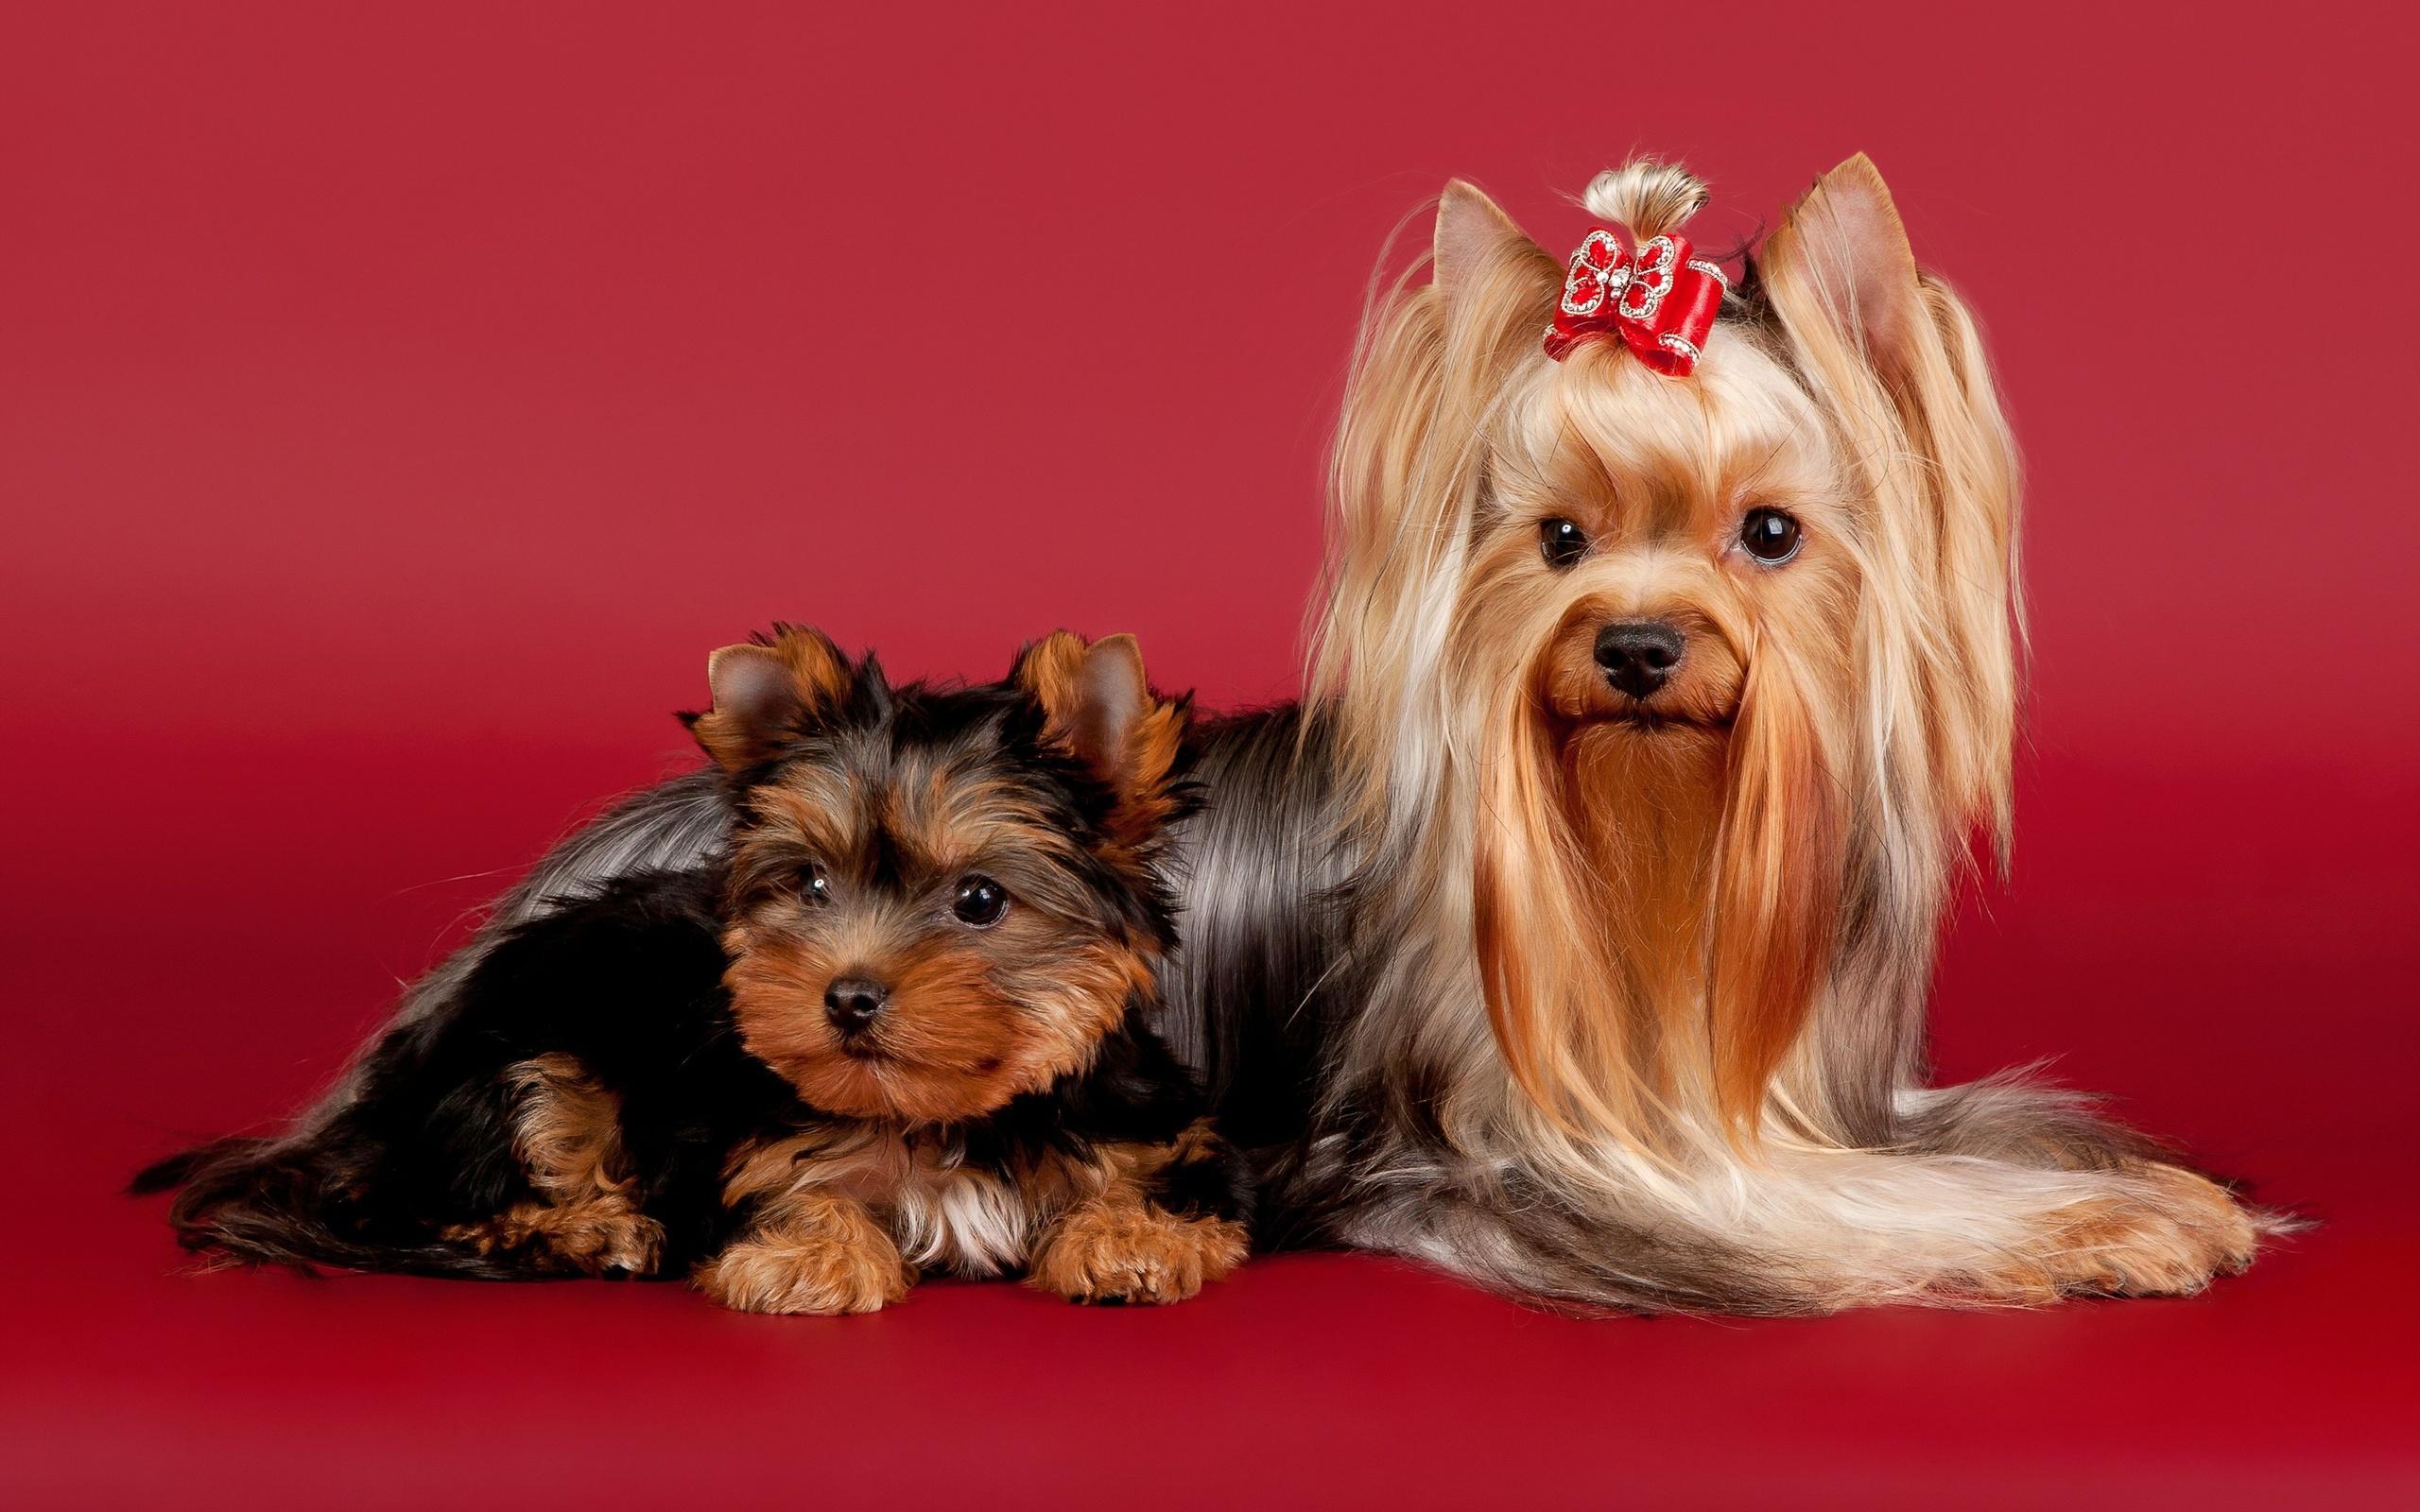 Картинки пород собак басенджи которой вам